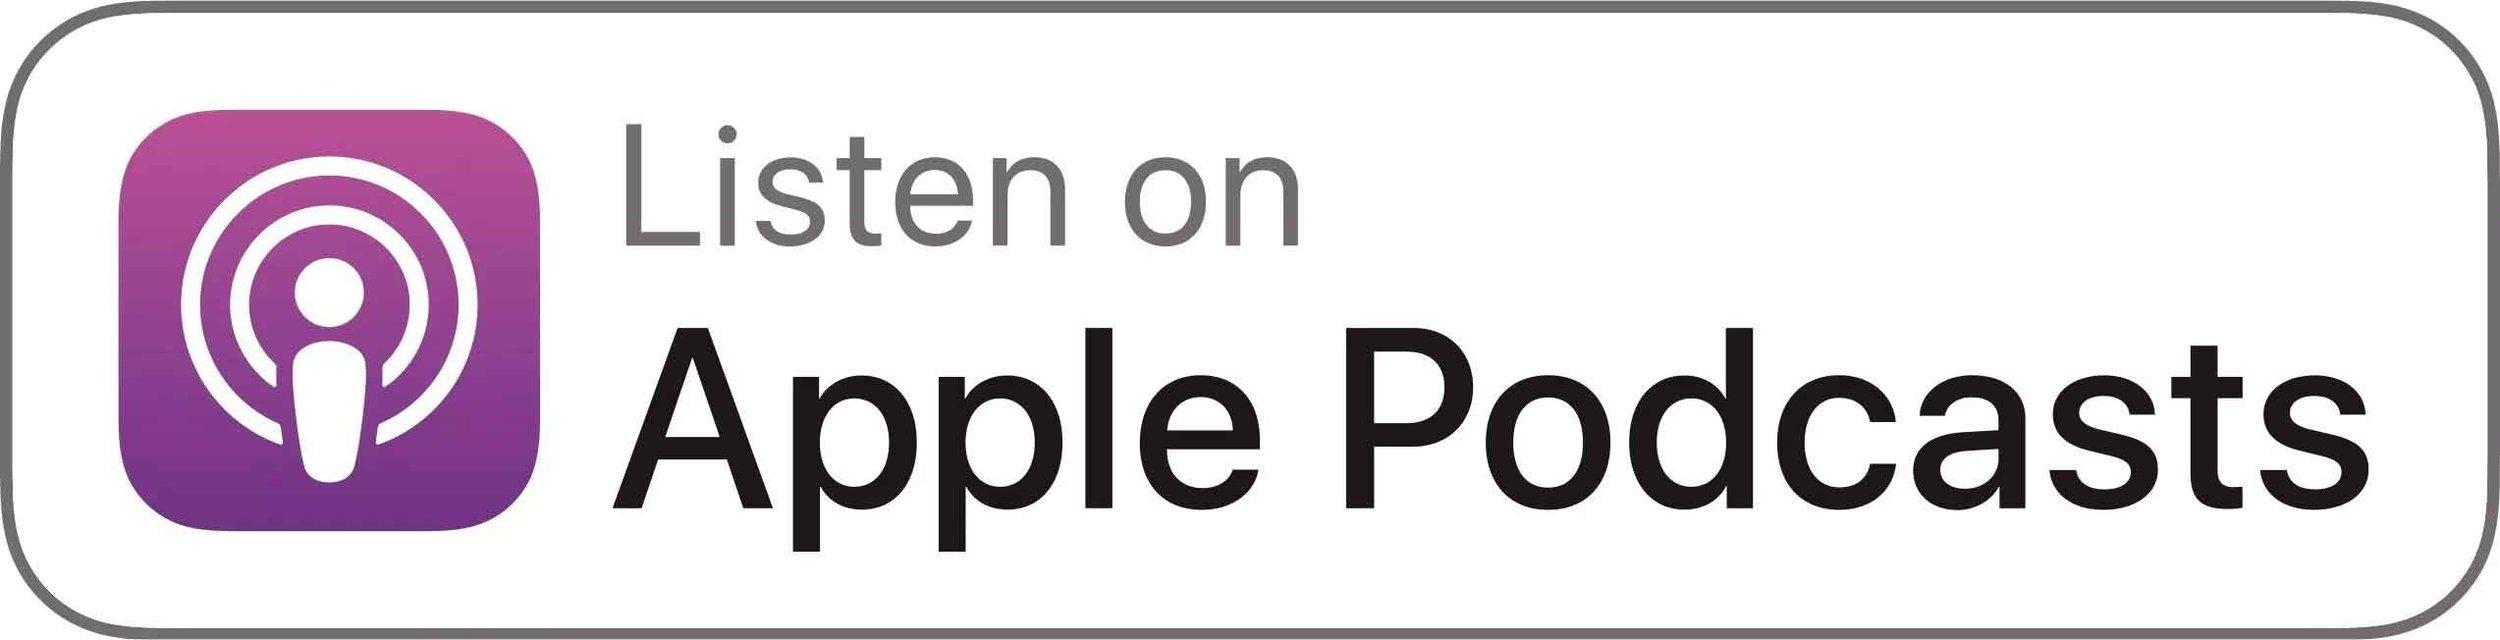 apple-podcast-logo.jpg